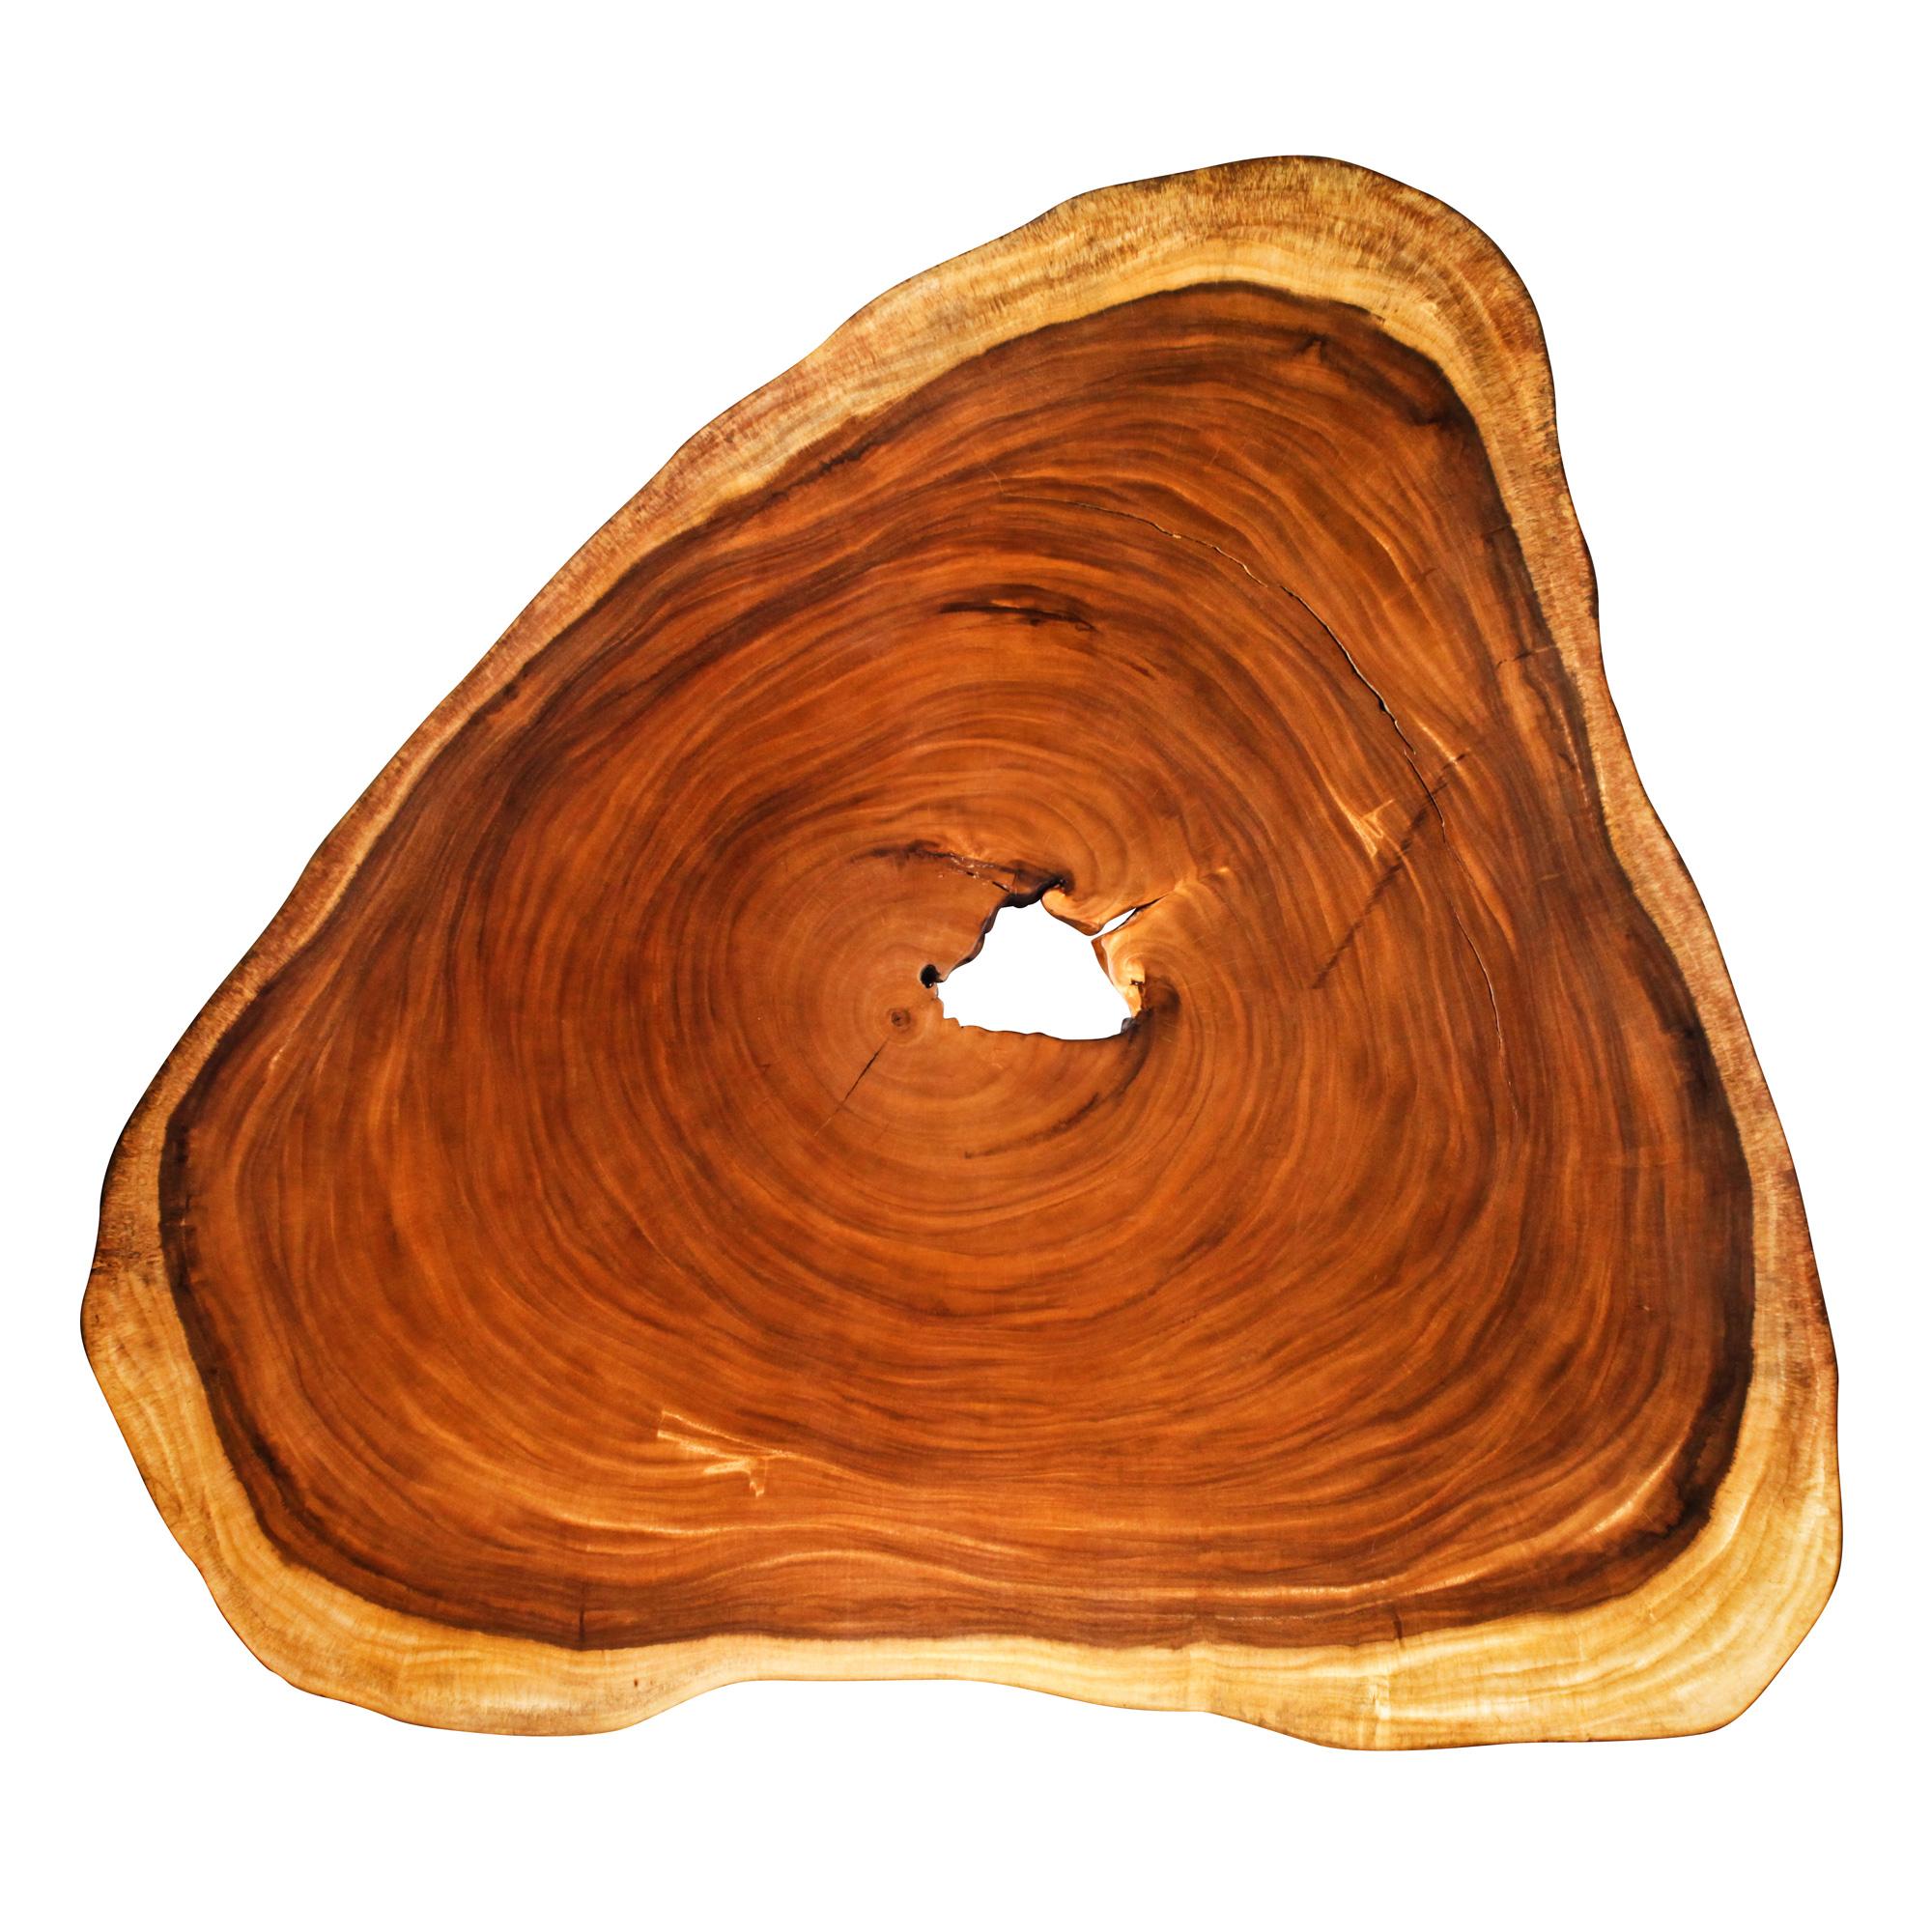 Saman Natural Wood Art - R7